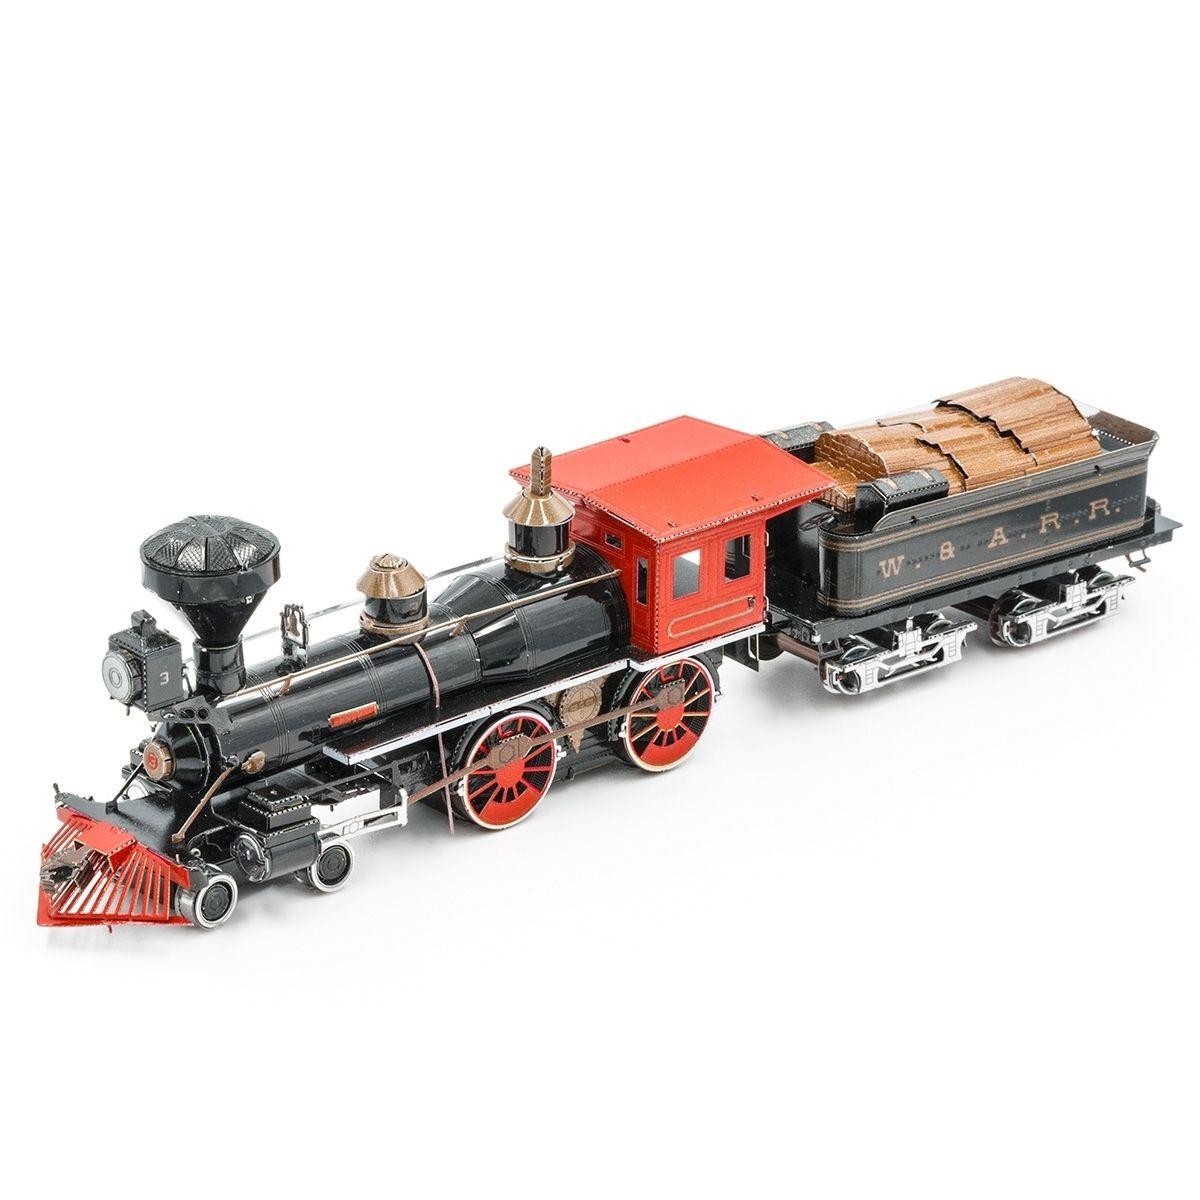 Metal Earth 4-4-0 Locomotive Kit